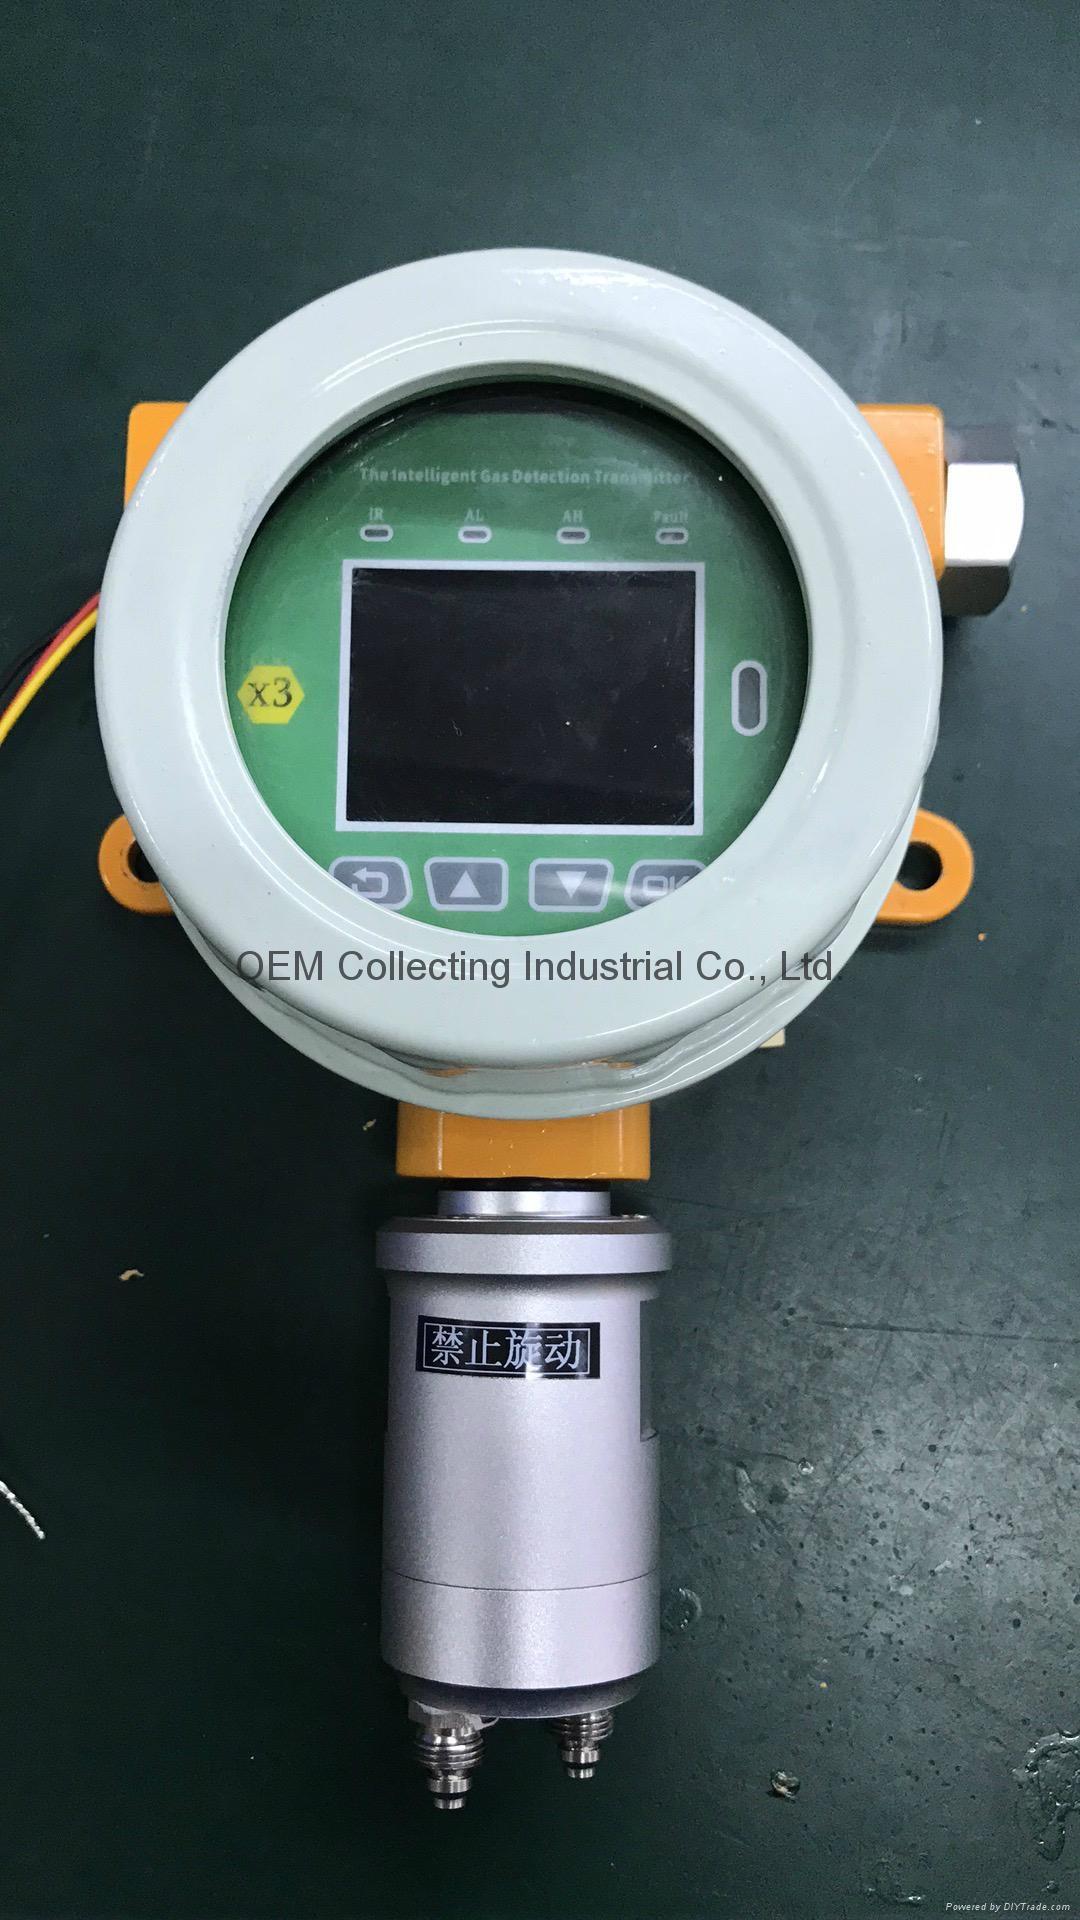 甲醛检测仪 5